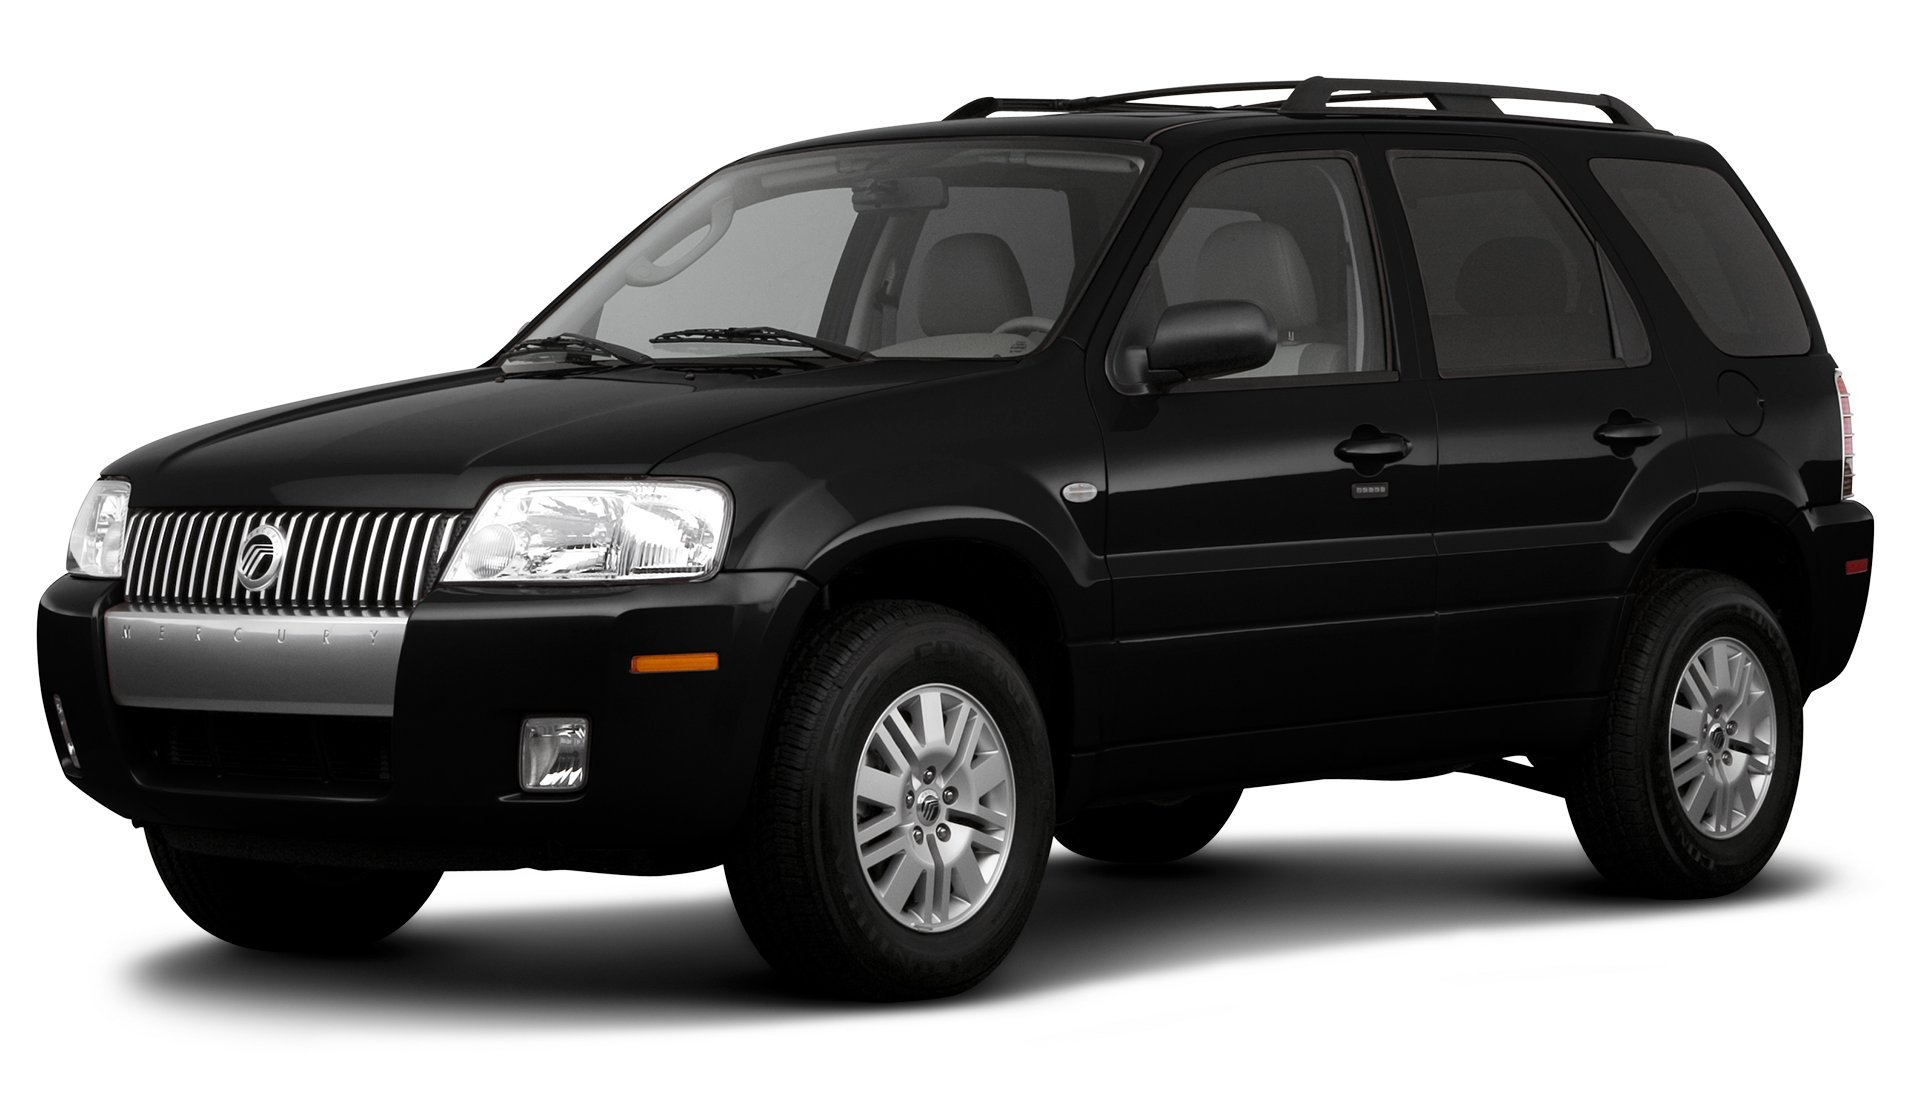 Toyota RAV4 Owners Manual: If your vehicle overheats